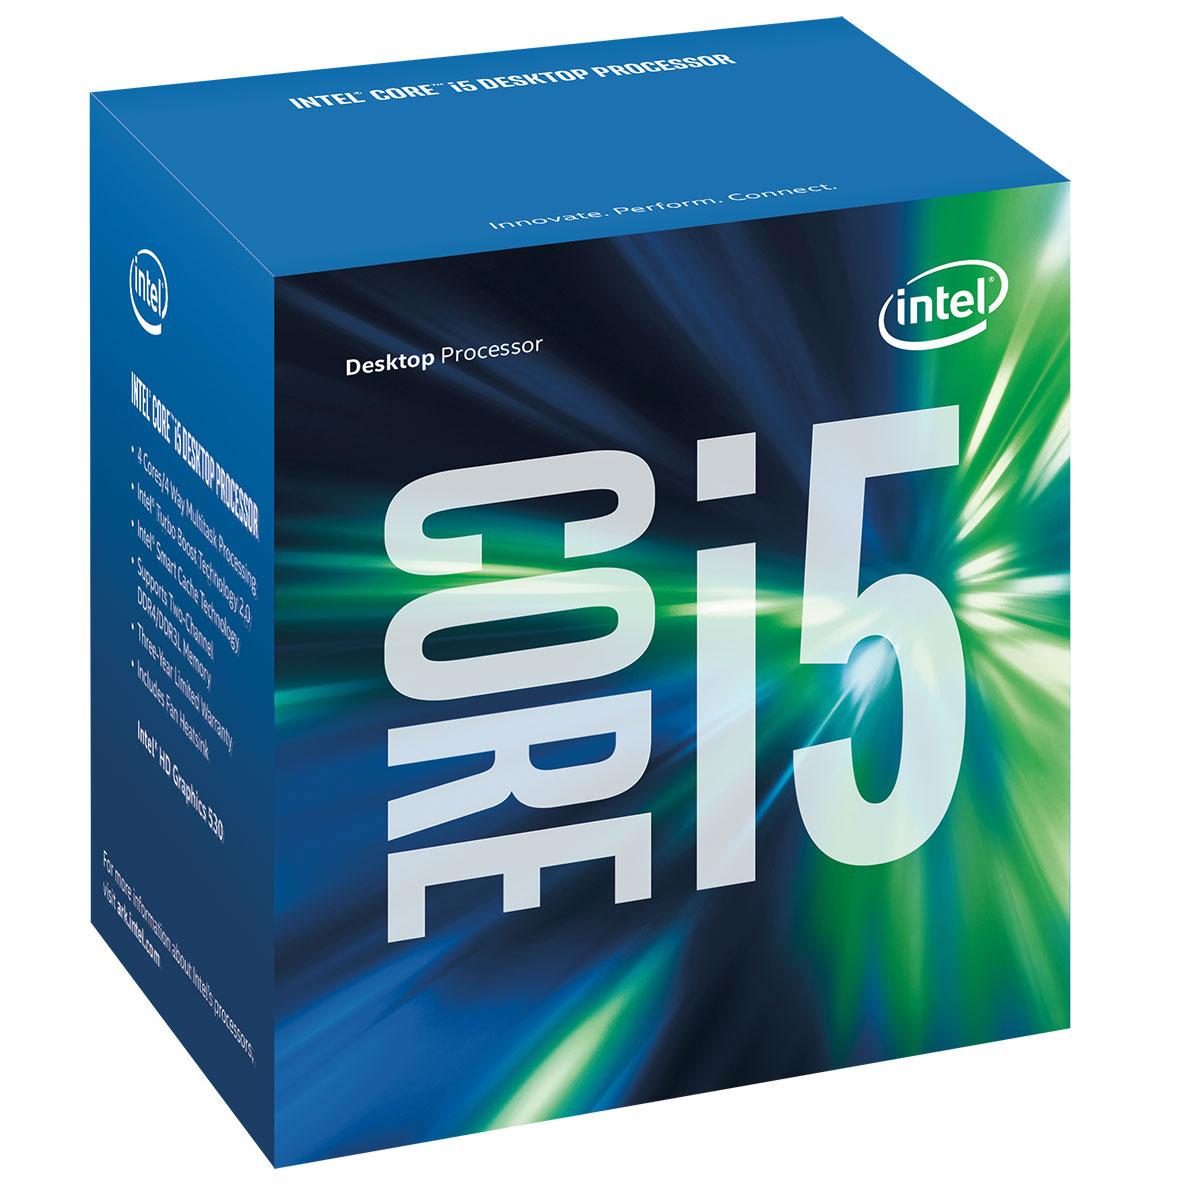 Processeur Intel Core i5-6600 (3.3 GHz) Processeur Quad Core Socket 1151 Cache L3 6 Mo Intel HD Graphics 530 0.014 micron (version boîte - garantie Intel 3 ans)